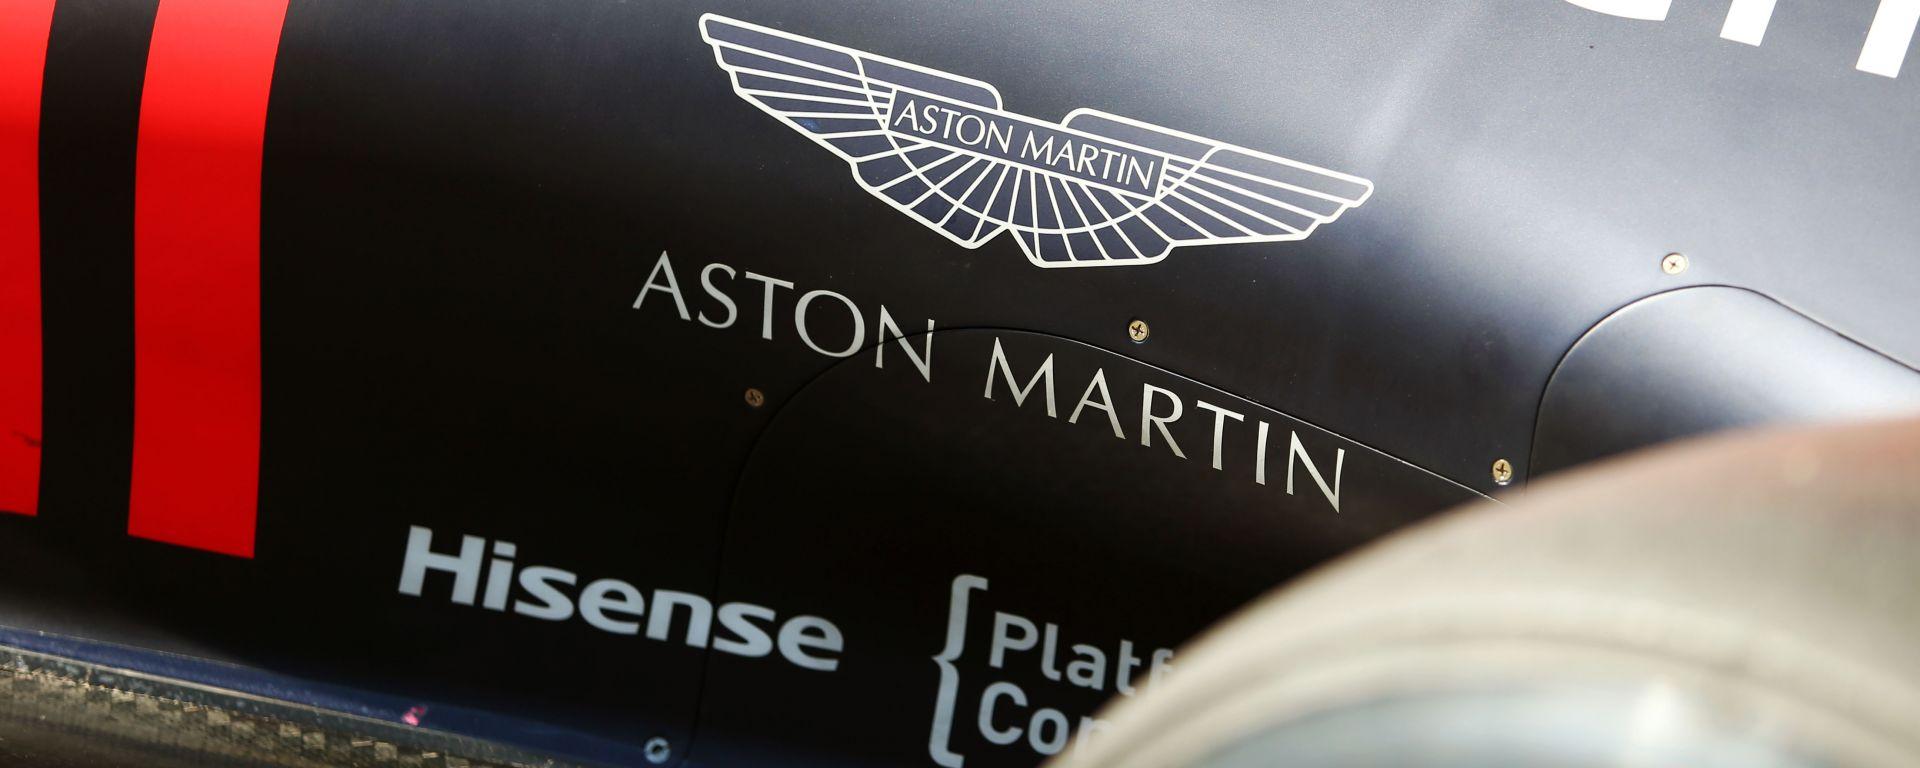 F1, il logo Aston Martin sulla fiancata della Red Bull Racing